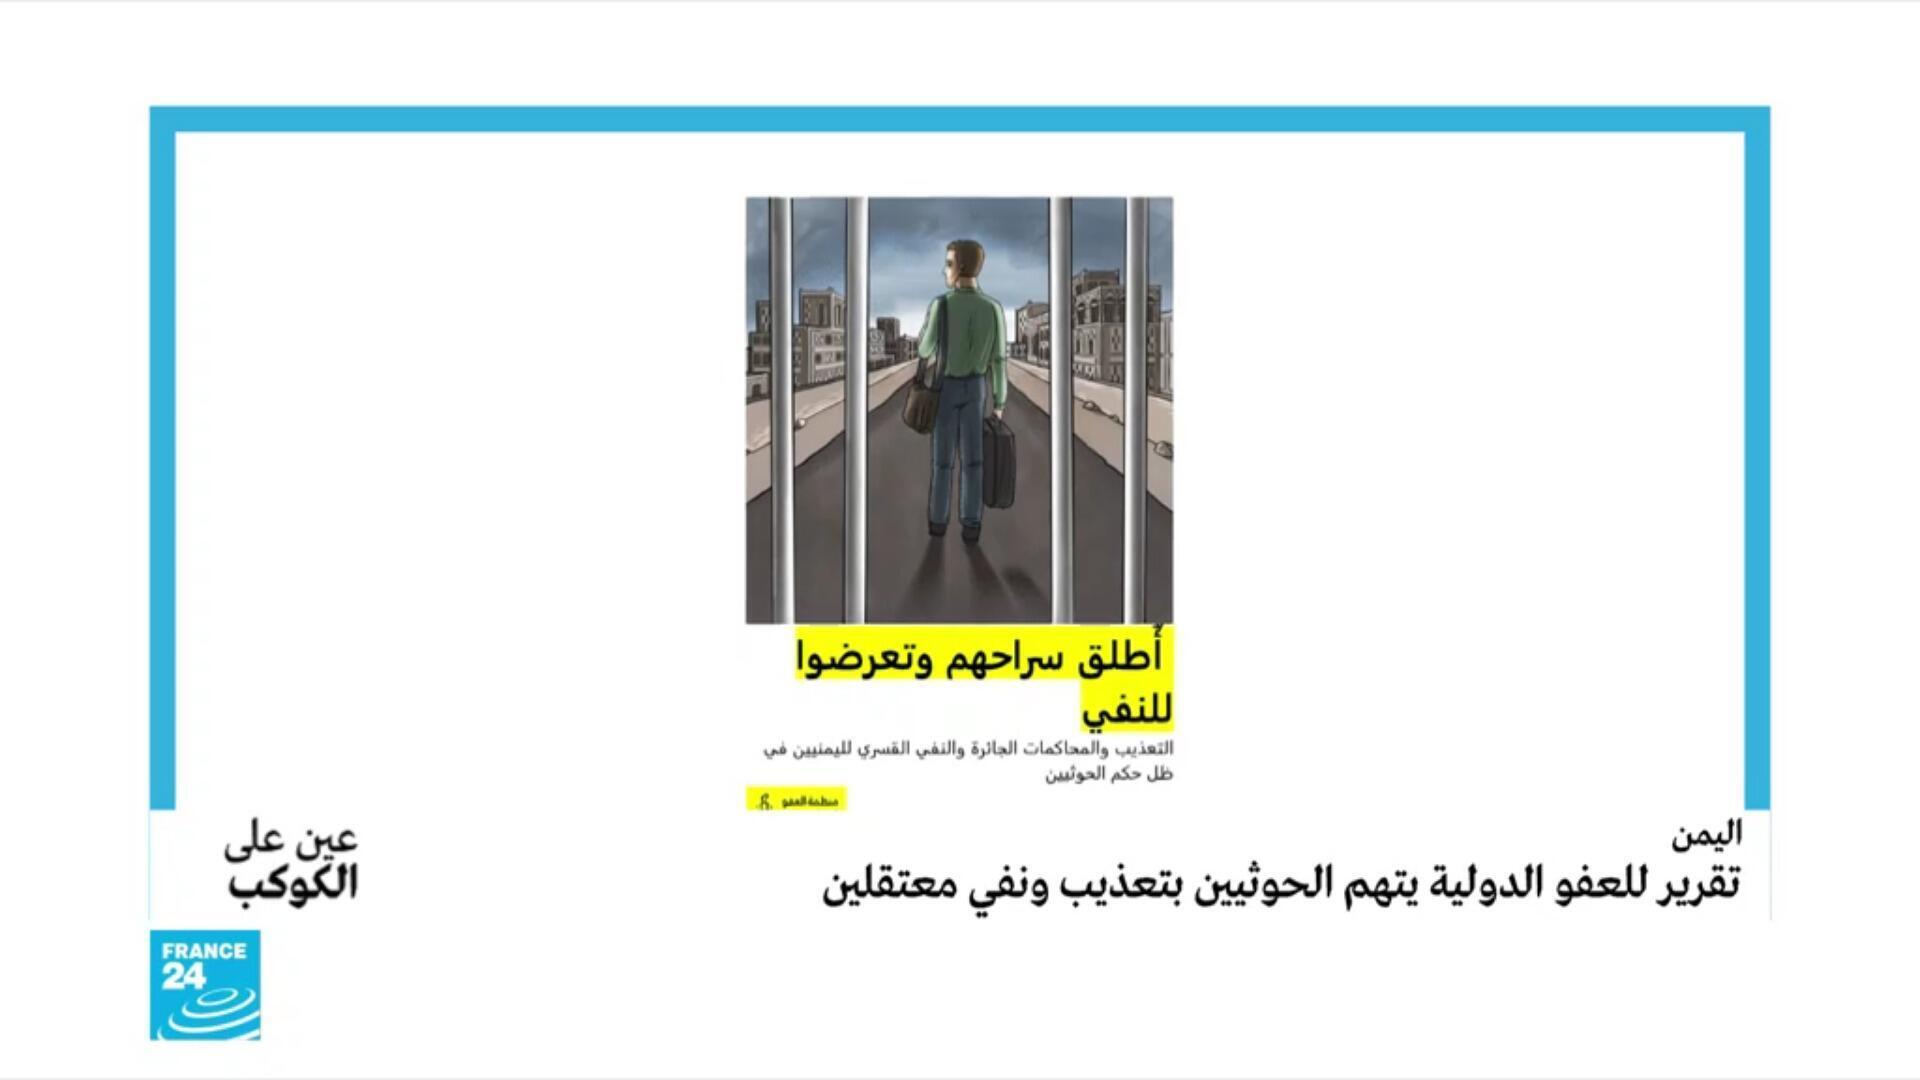 اليمن: تقرير للعفو الدولية يتهم الحوثيين بتعذيب ونفي معتقلين